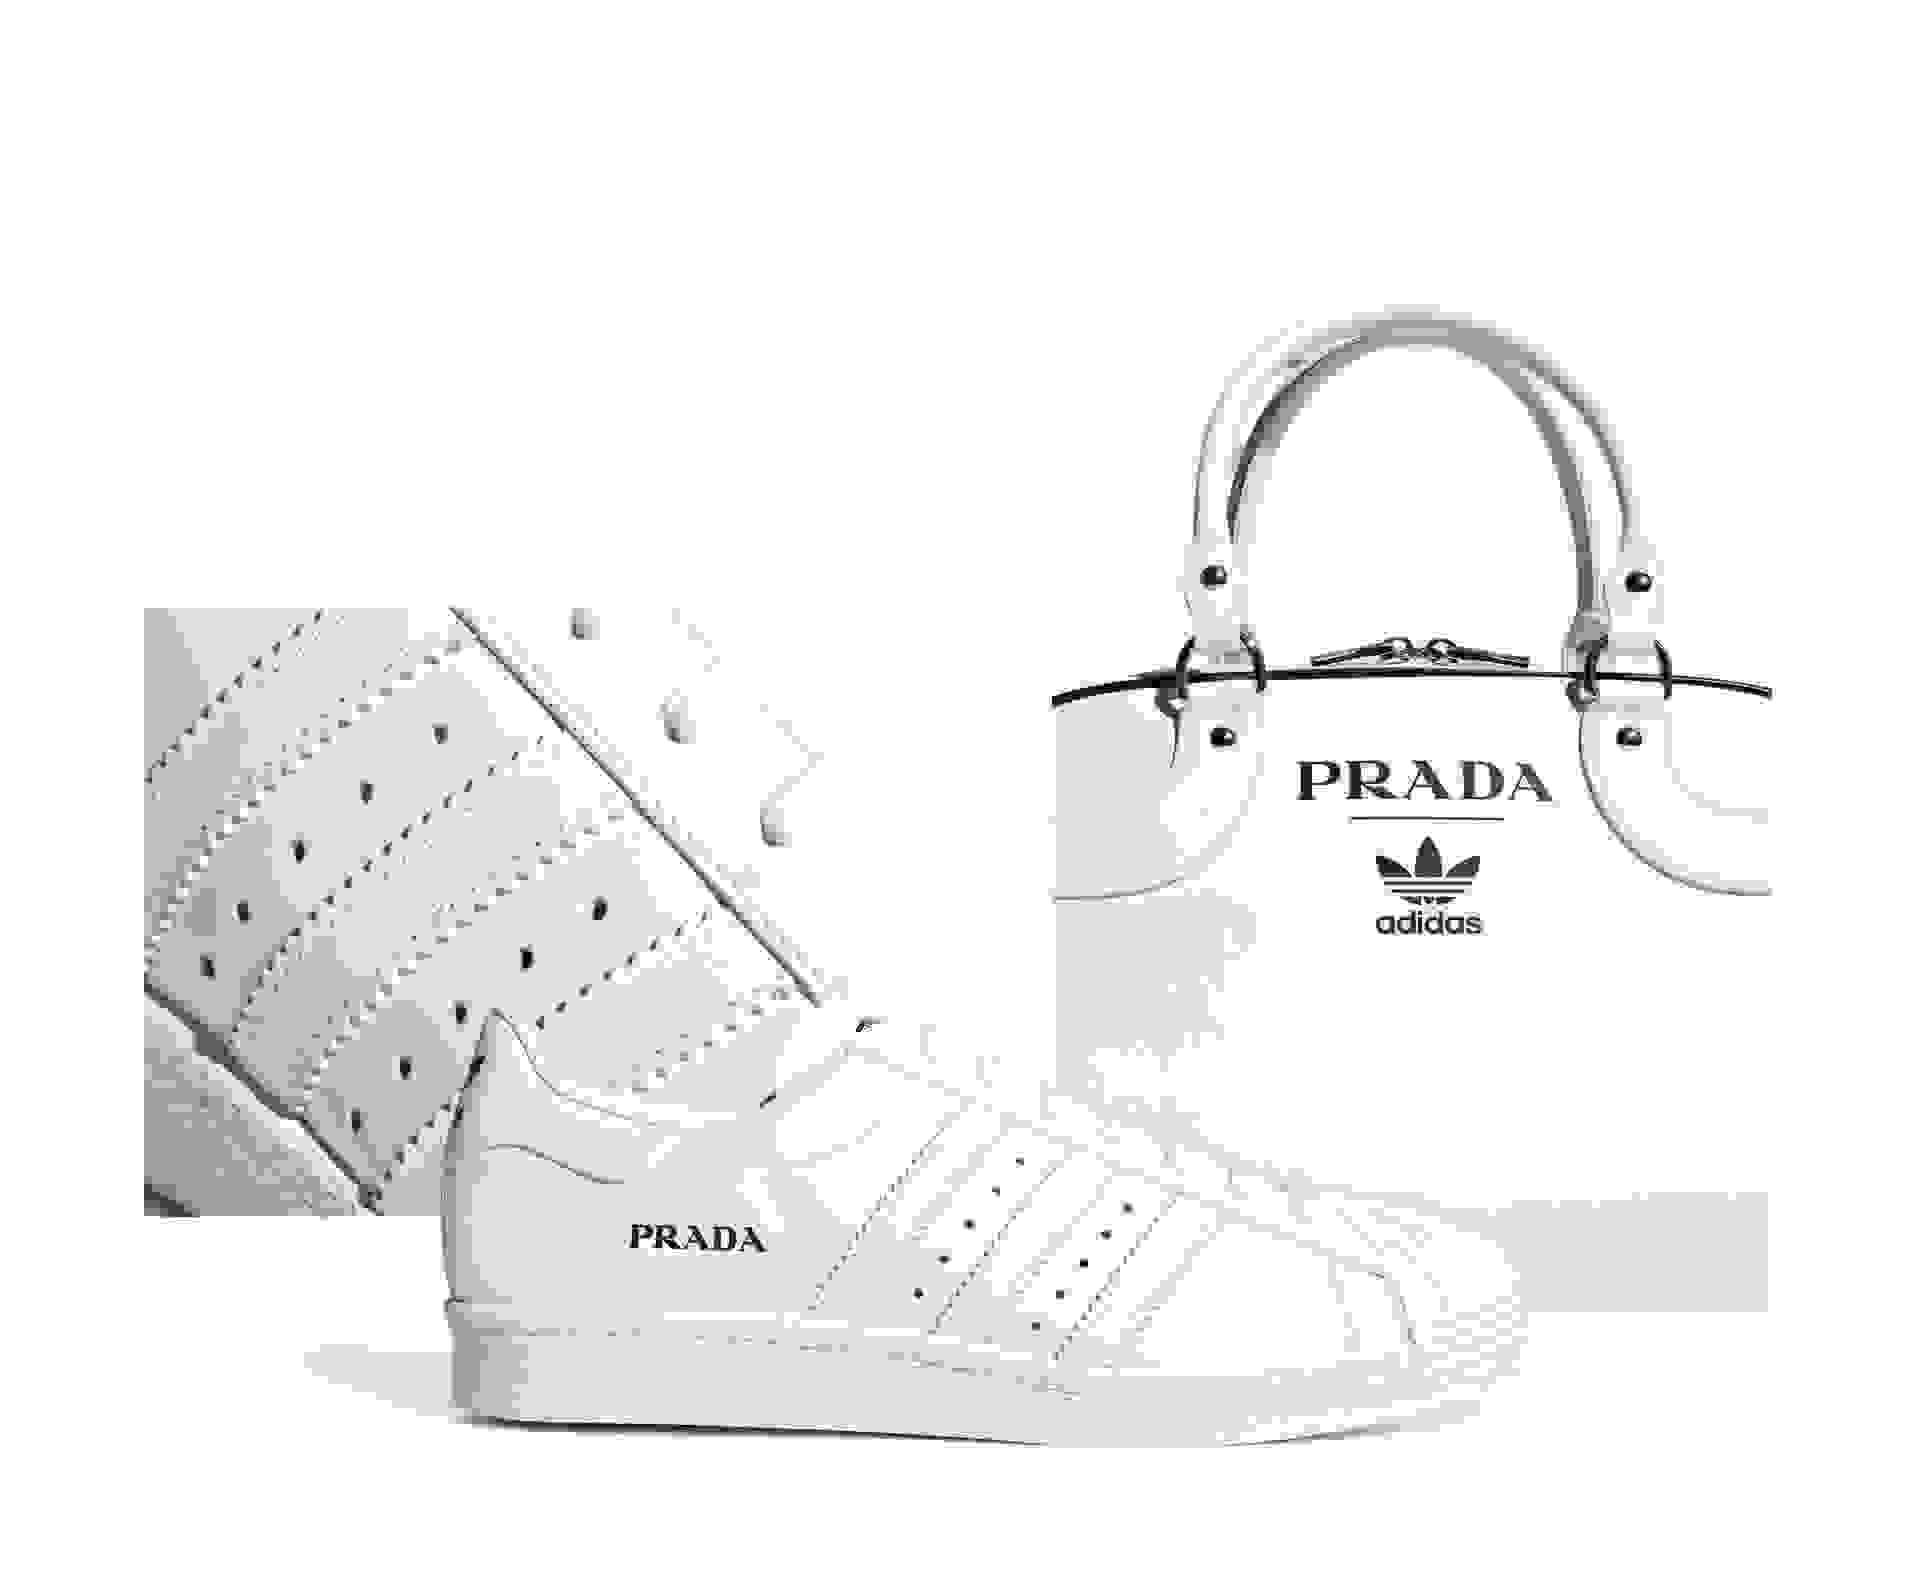 for for adidasadidas adidasadidas Originals Prada Prada Prada Originals for adidasadidas Originals Prada WD9eHIYbE2